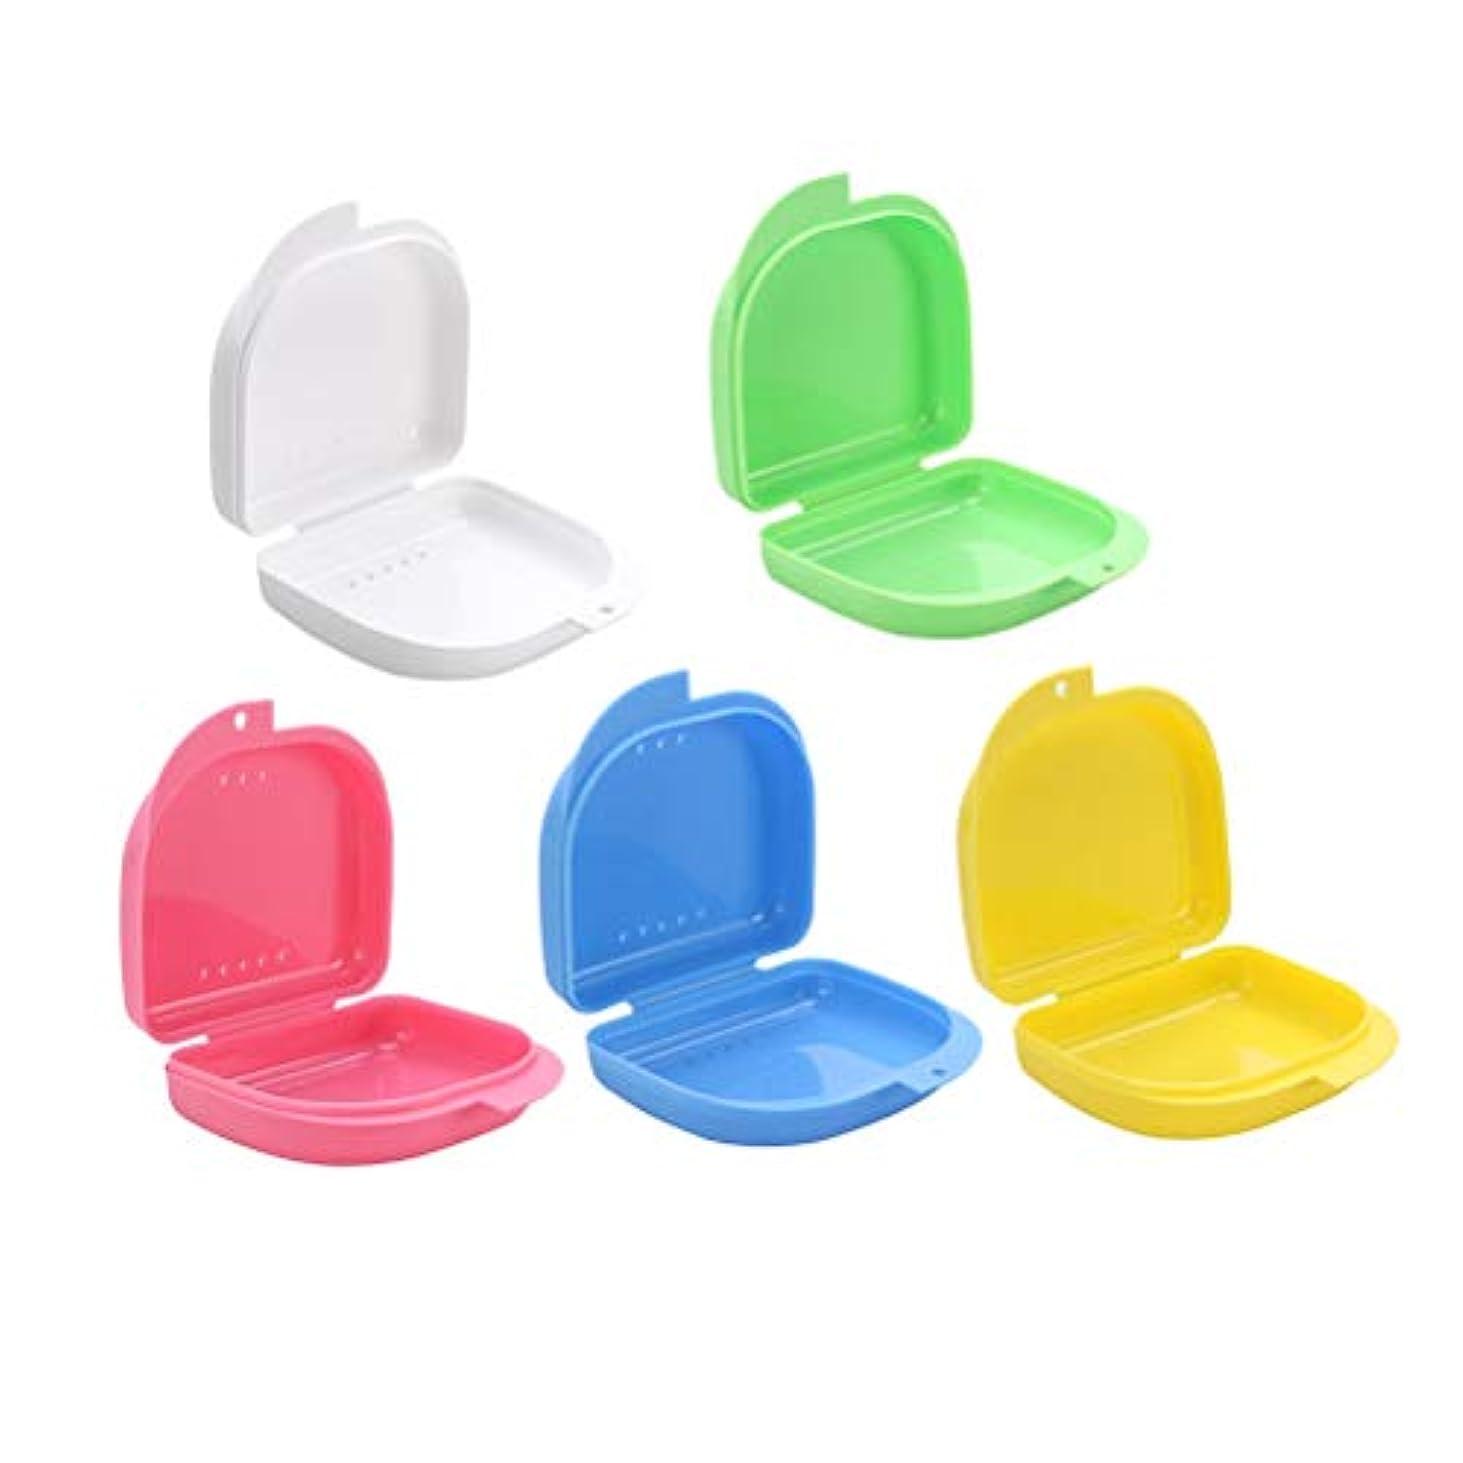 フォージ避難今日穴付き歯科用リテーナーケースマウスガードケース義歯収納容器5本